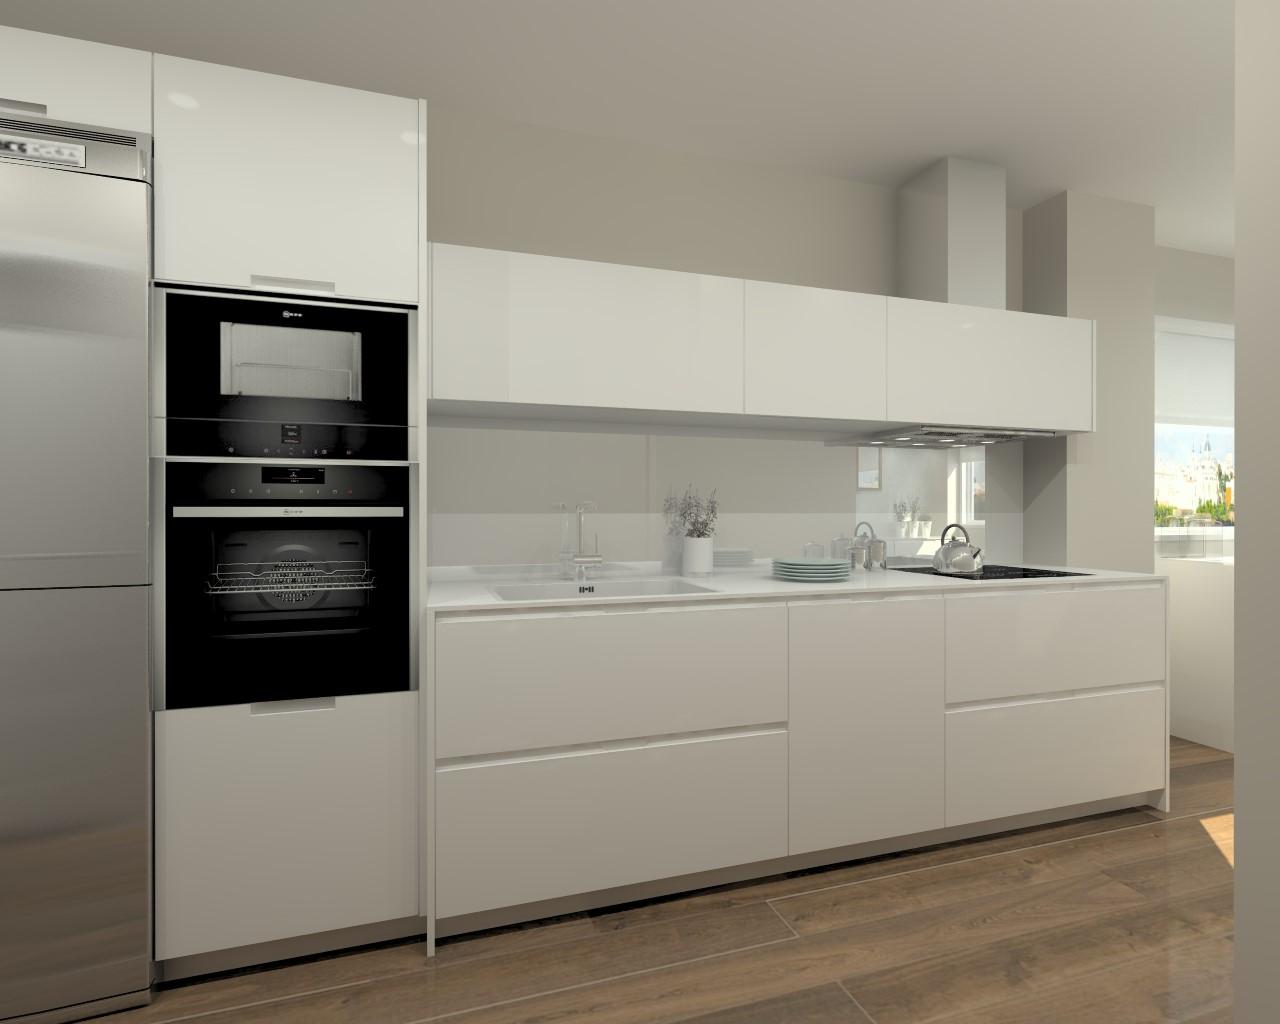 Cocinas santos modelo iintra laca seda blanco encimera - Muebles para encimeras ...